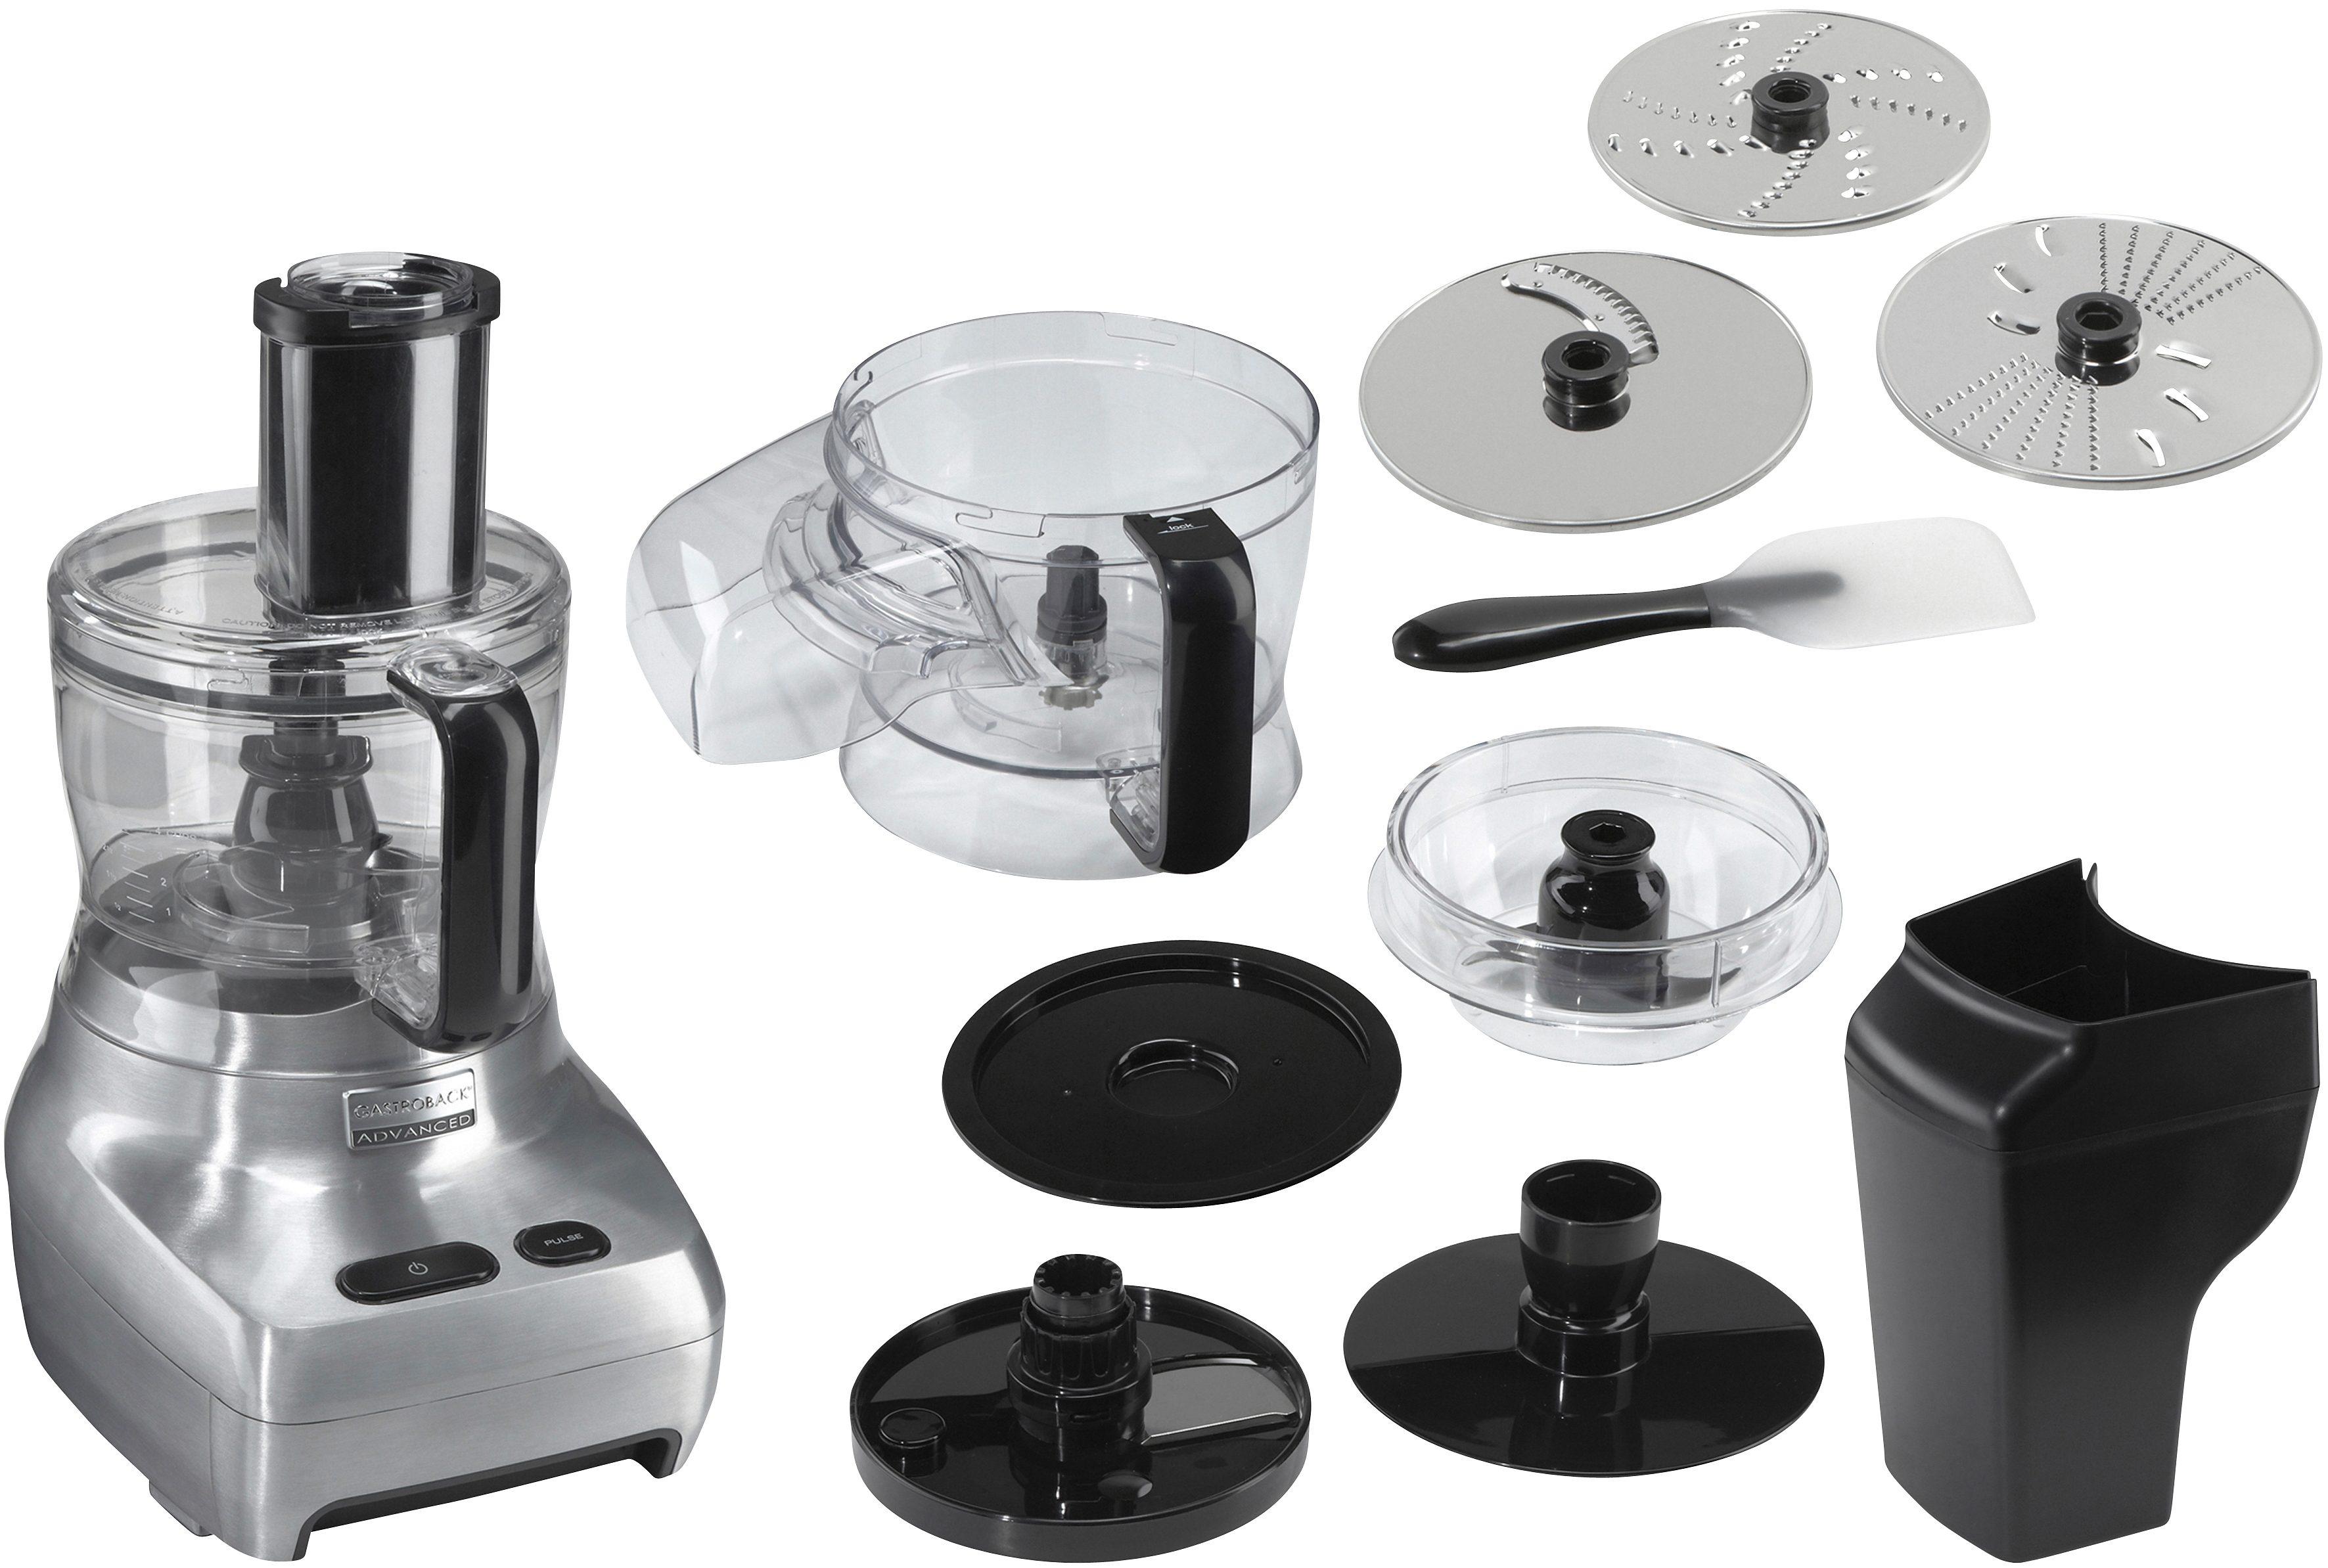 Gastroback Kompakt-Küchenmaschine Design Food Processor Advanced 40965 silberfarben Küchenmaschinen SOFORT LIEFERBARE Haushaltsgeräte